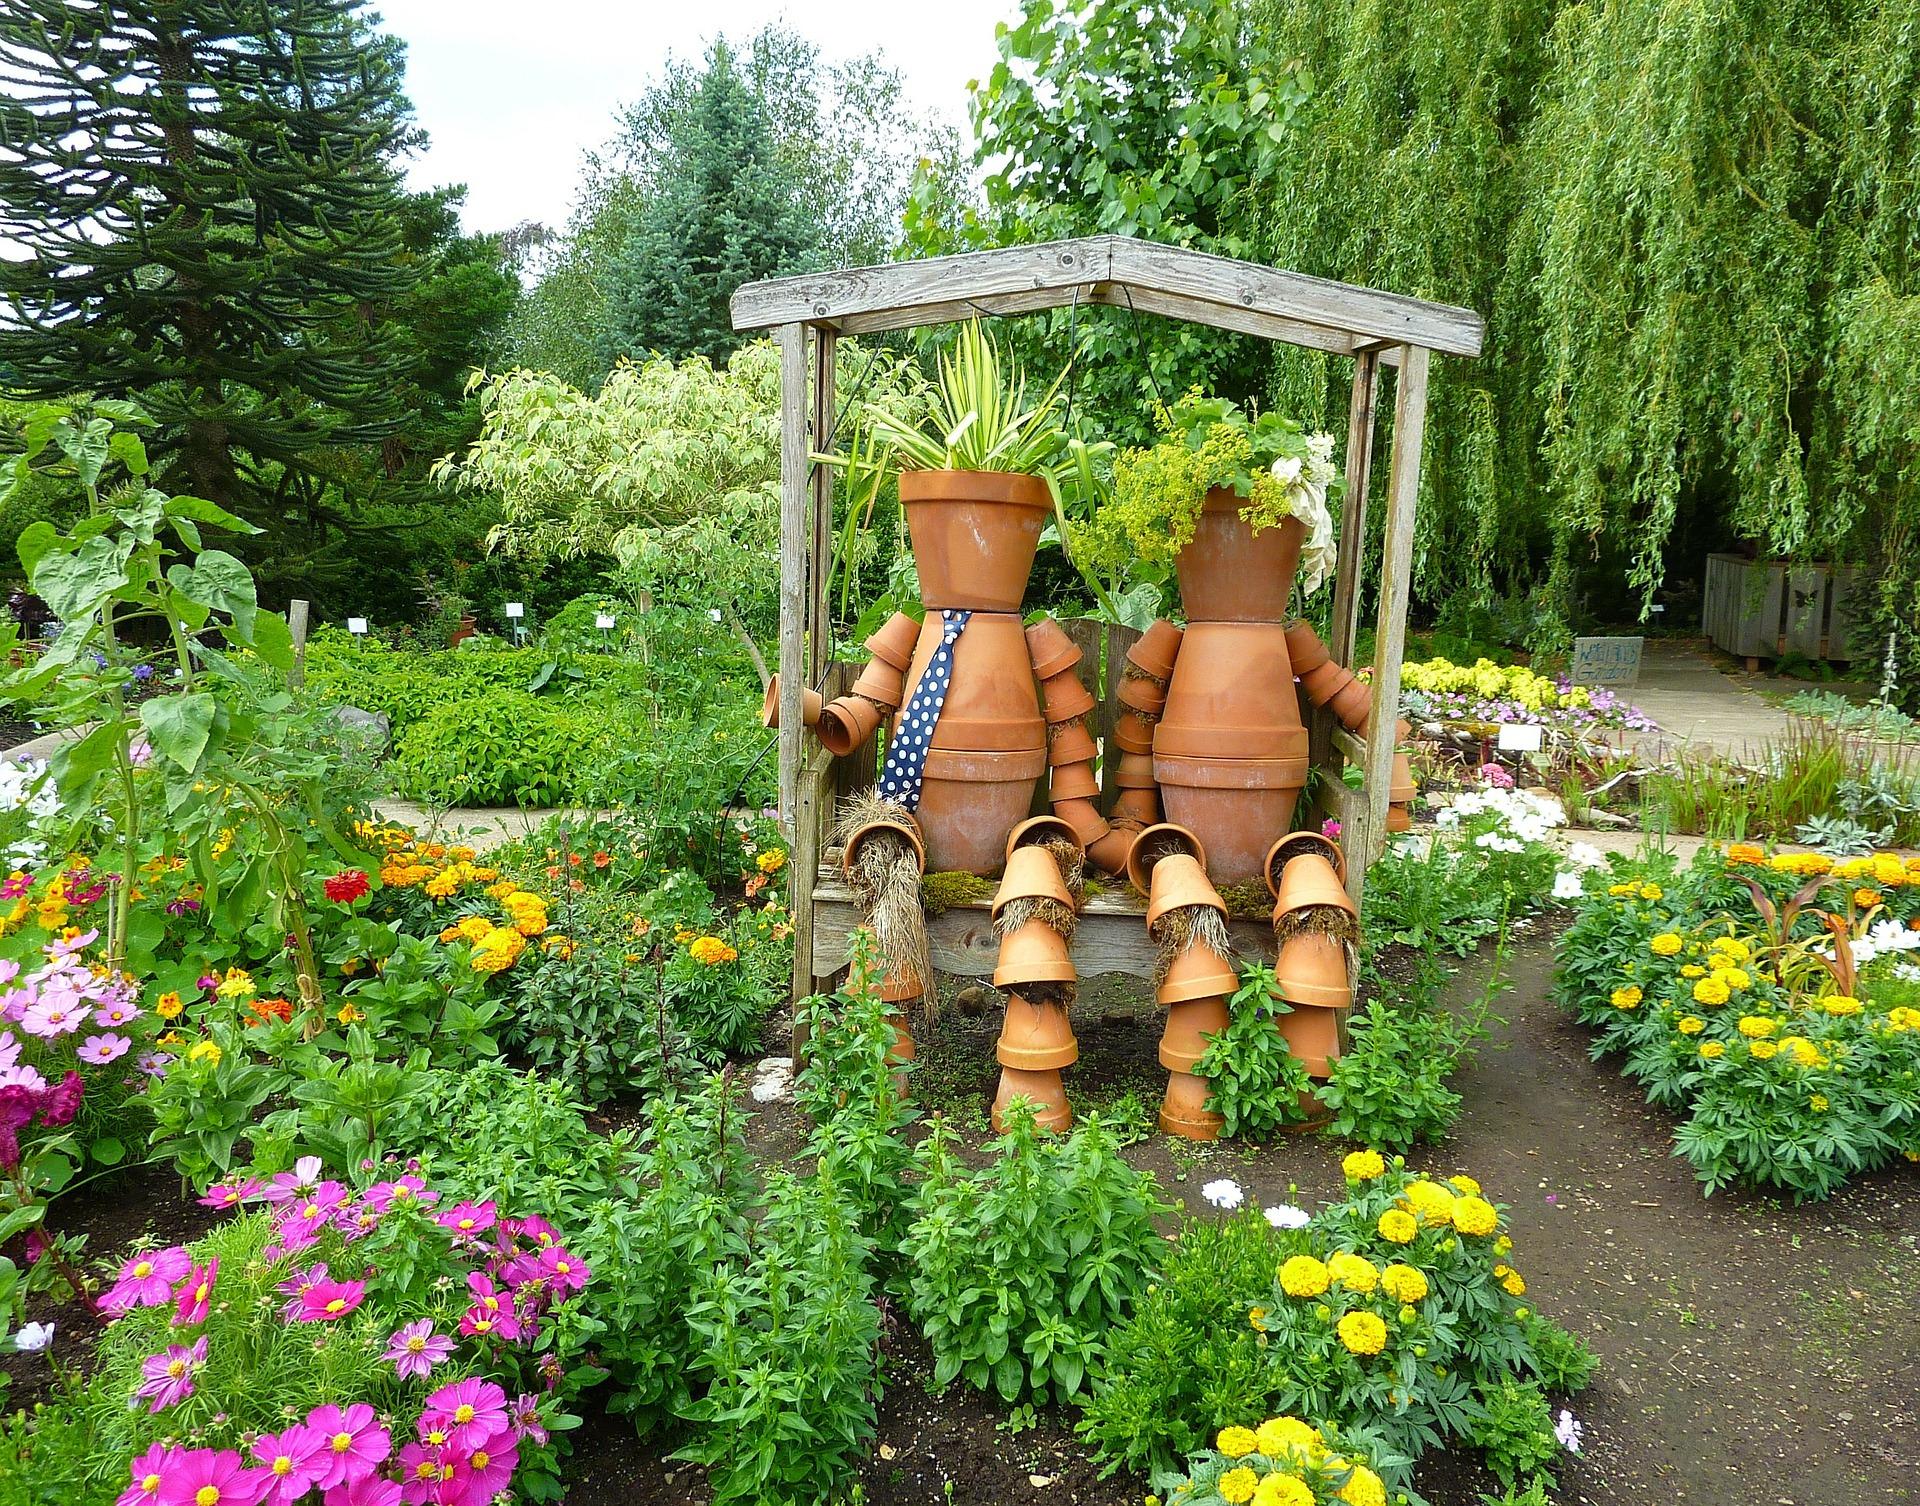 Idées Cadeaux Utiles Pour Le Jardin • Top-Idées, Le Top Des ... destiné Cadeau Jardin